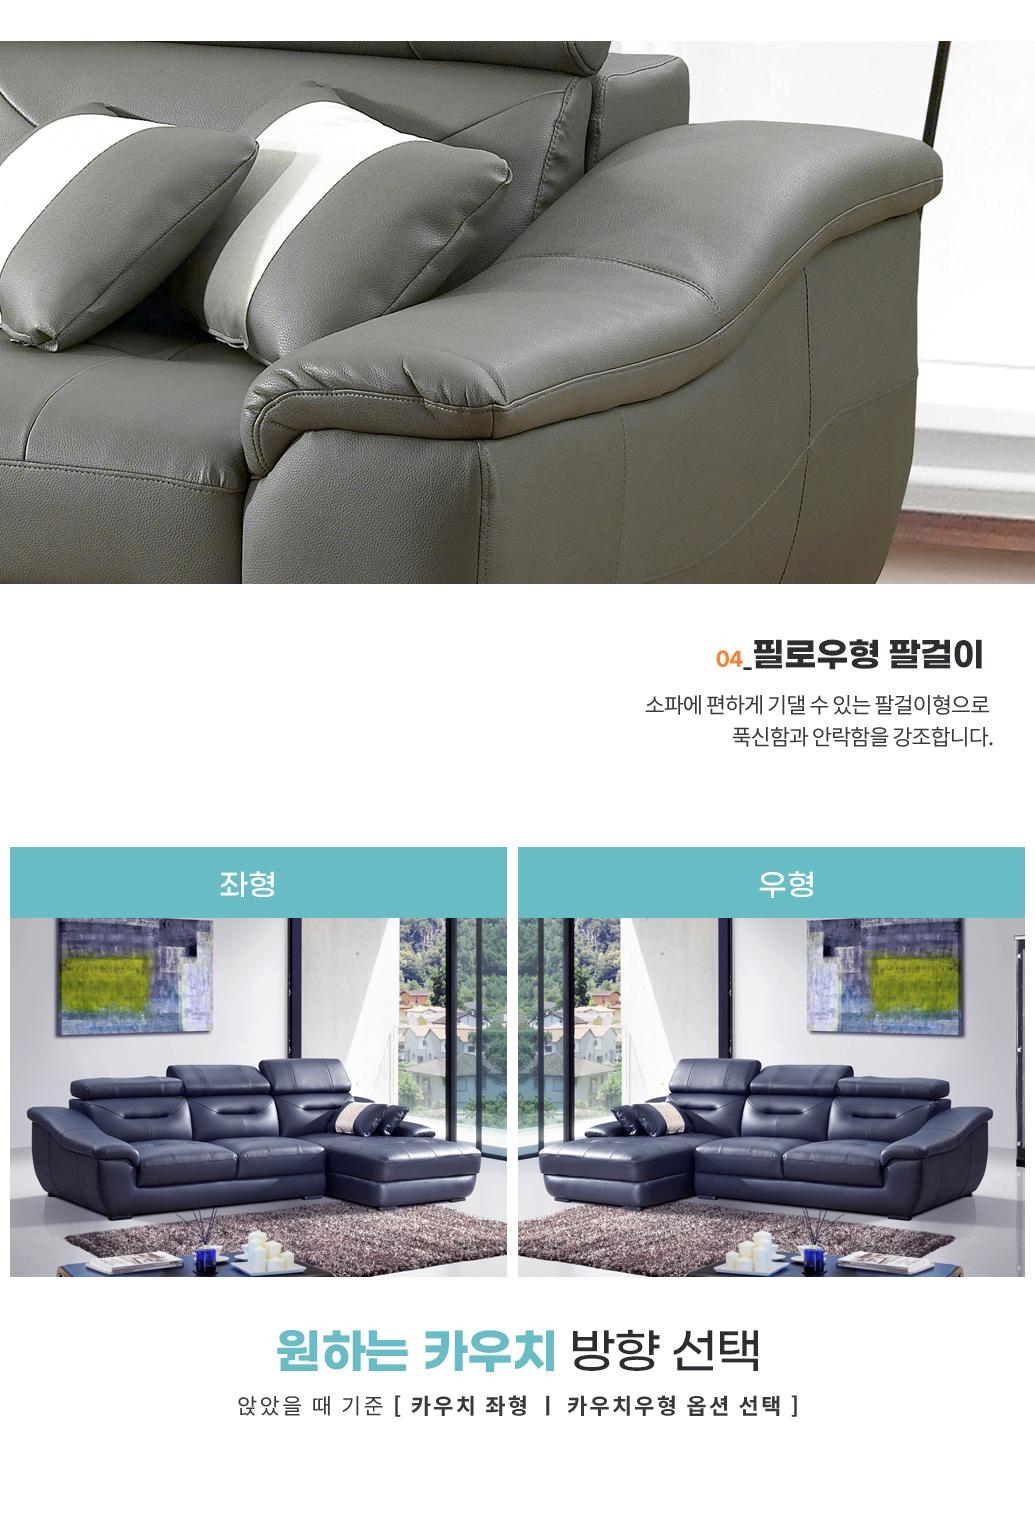 Nuka_couch_04.jpg